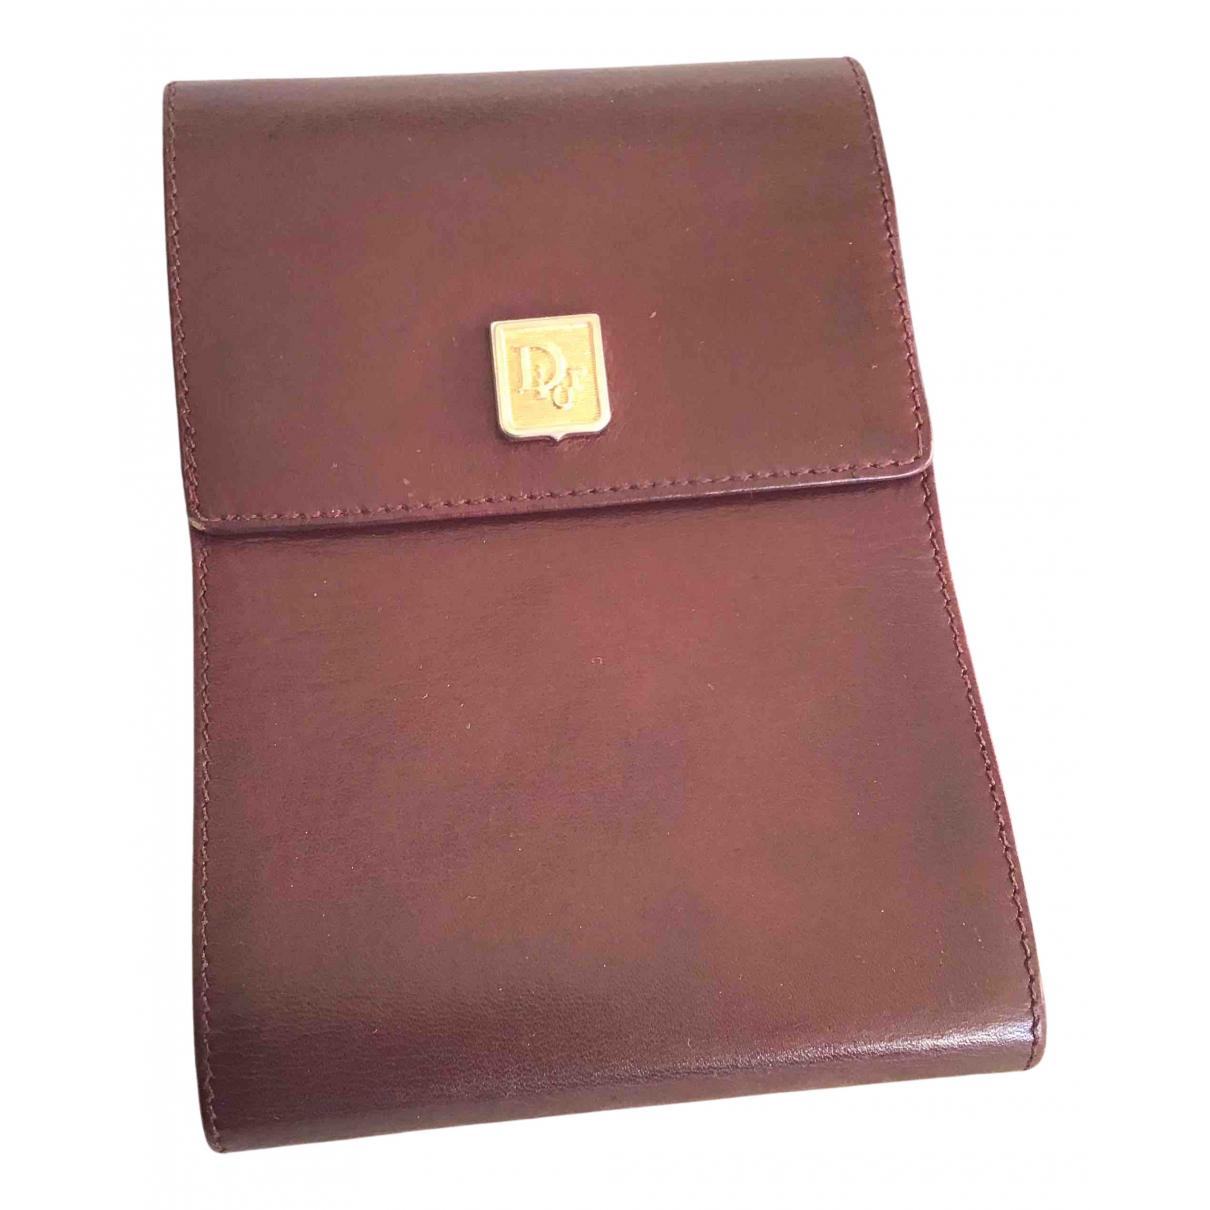 Dior - Portefeuille   pour femme en cuir - bordeaux